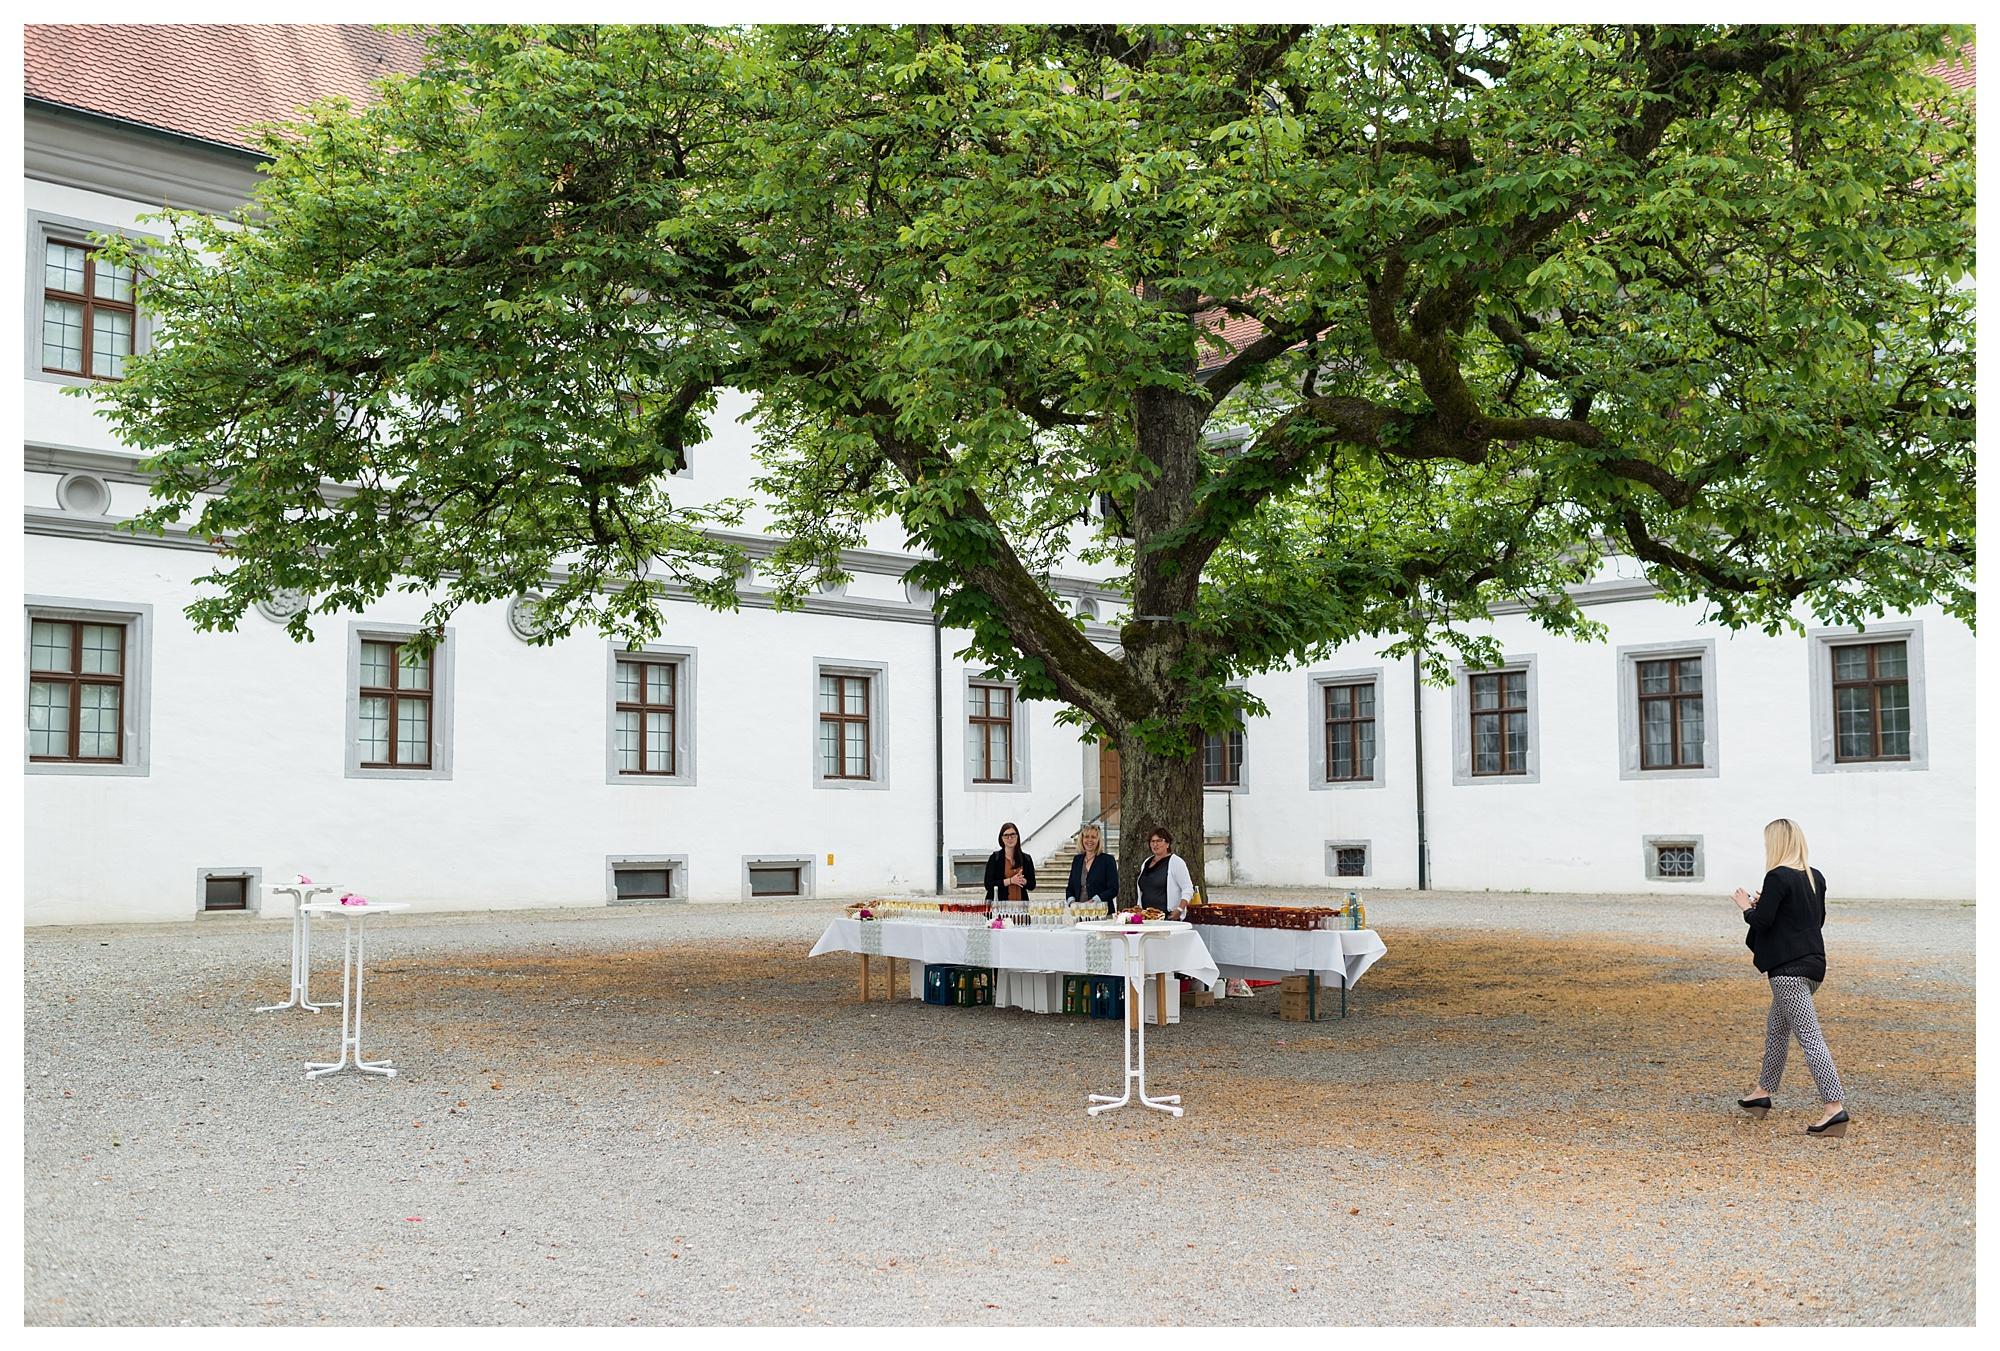 Fotograf Konstanz - Hochzeit Tanja Elmar Elmar Feuerbacher Photography Konstanz Messkirch Highlights 043 - Hochzeitsreportage von Tanja und Elmar im Schloss Meßkirch  - 42 -